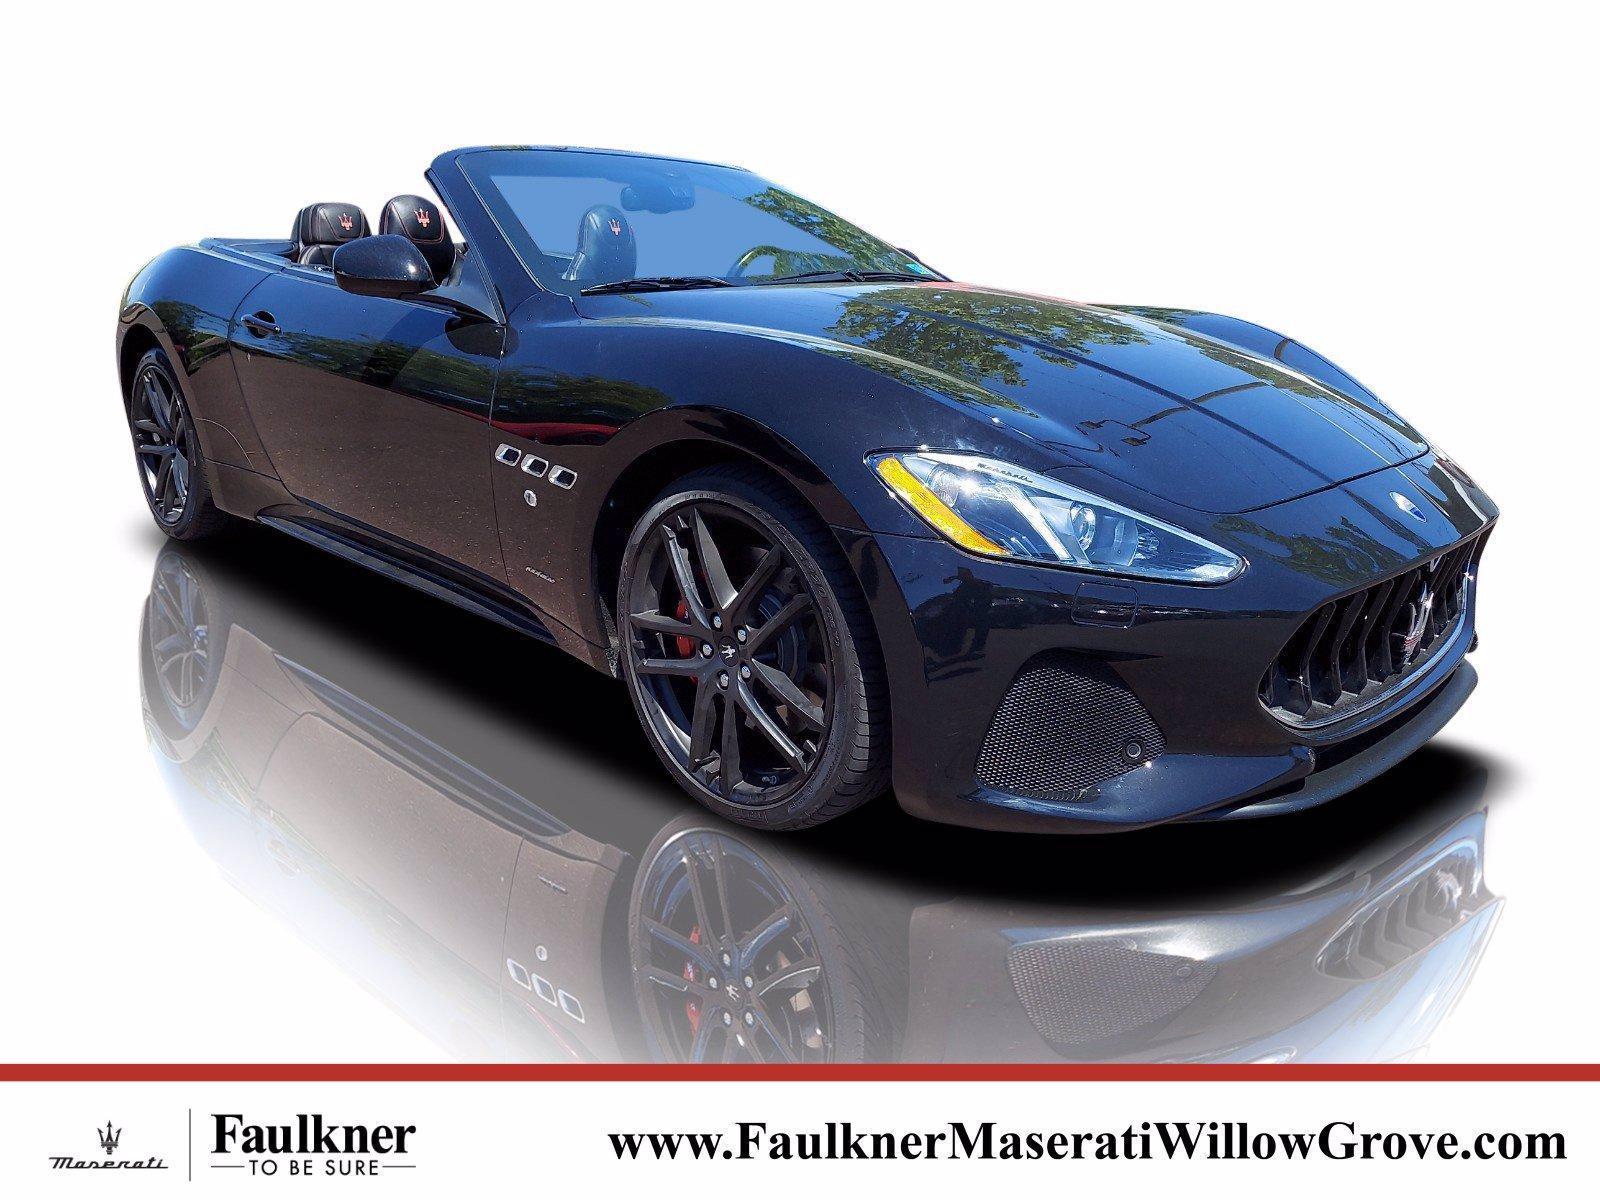 2018 Maserati GranTurismo Convertible Vehicle Photo in Willow Grove, PA 19090